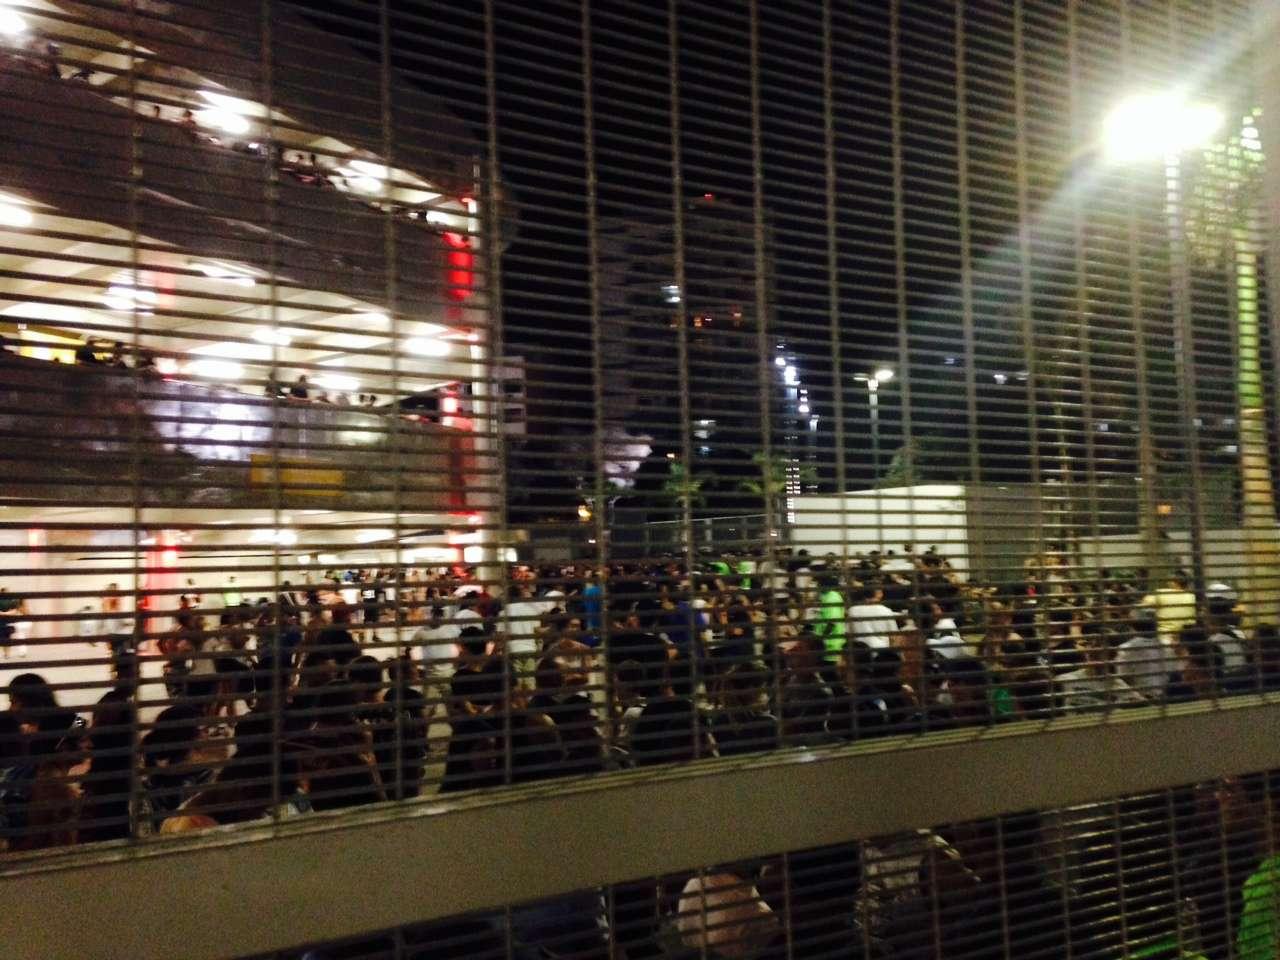 Aconteceu briga entre botafoguenses, corintianos e flamenguistas nas ruas próximas ao Maracanã Foto: Fabio Azevedo/Fazevedo Produções Artísticas e Eventos Ltda